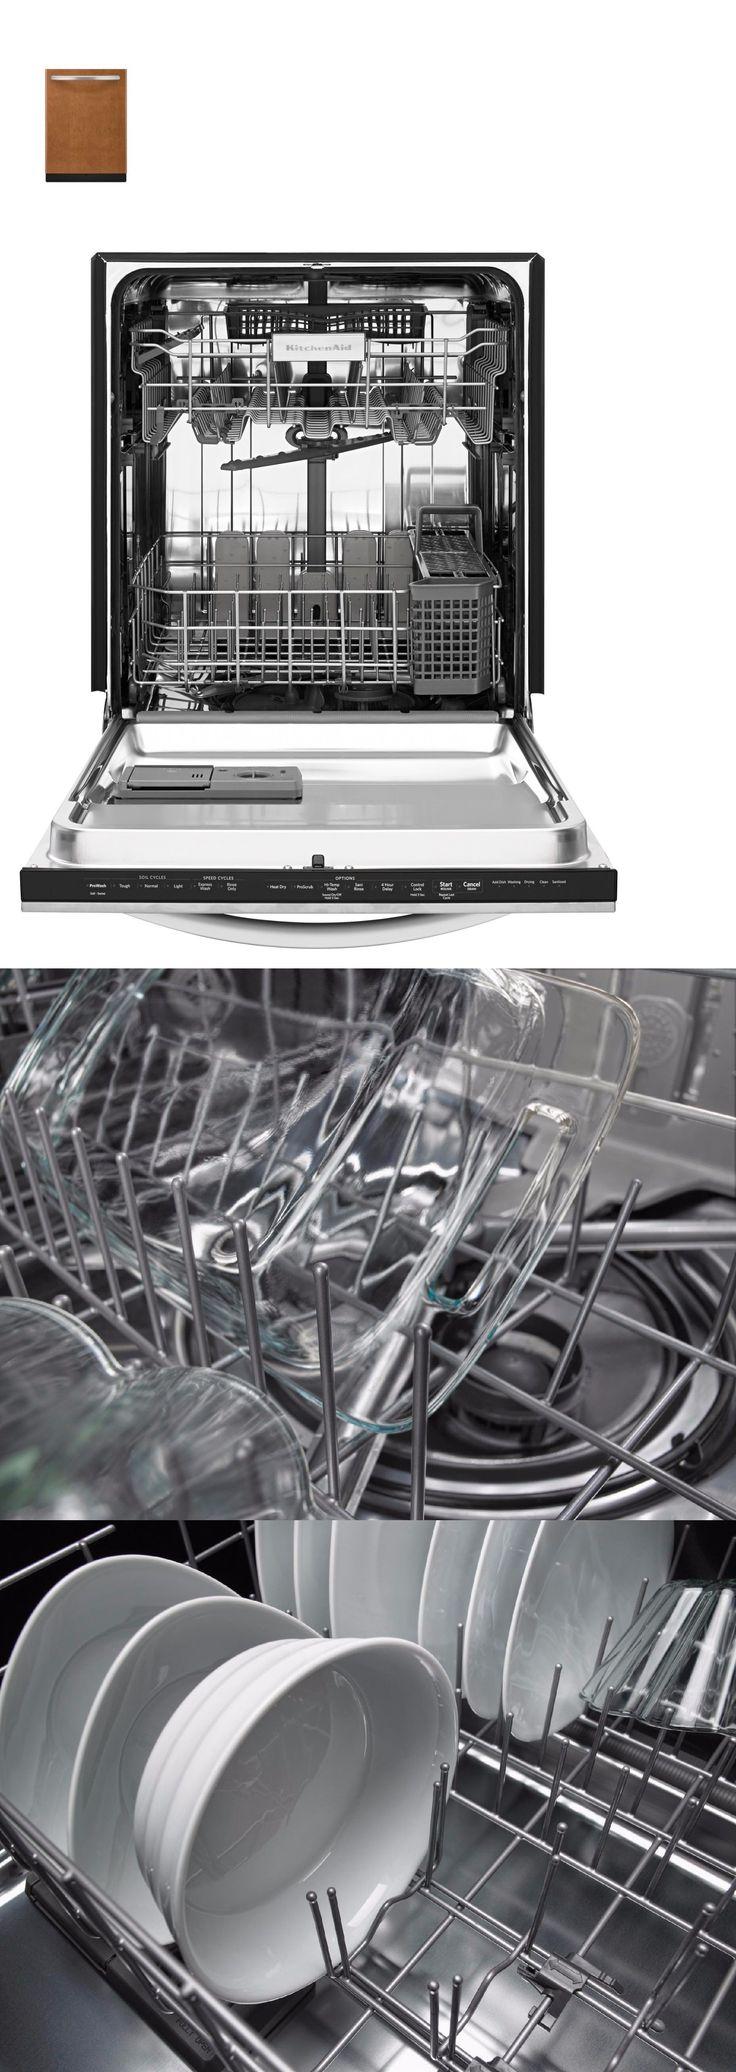 Kitchenaid Ada Dishwasher